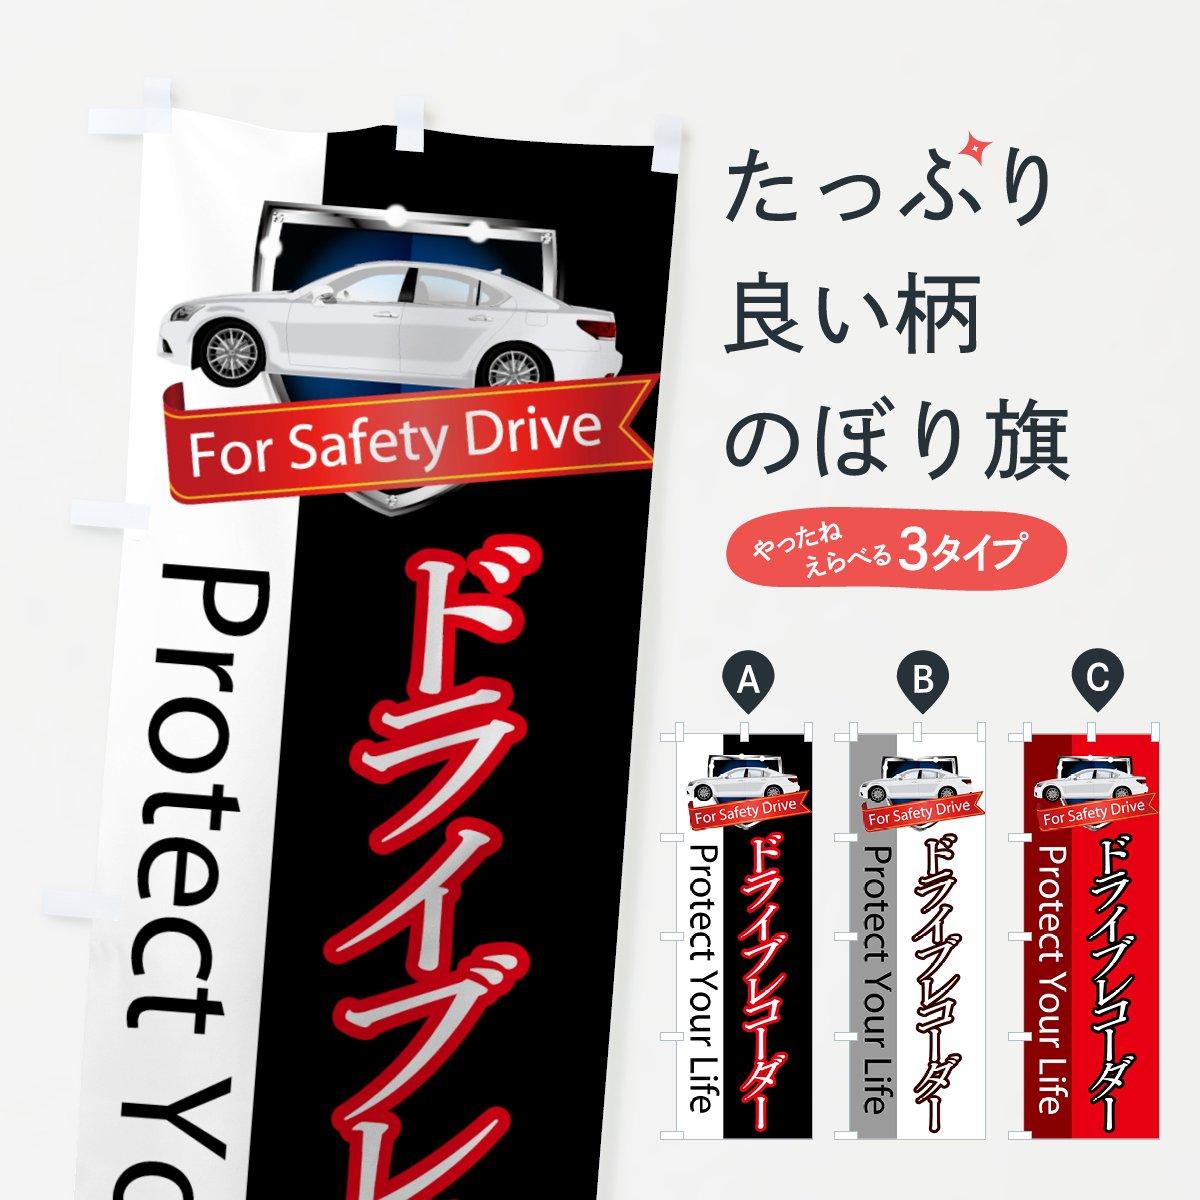 ドライブレコーダーのぼり旗 Protect Your Life